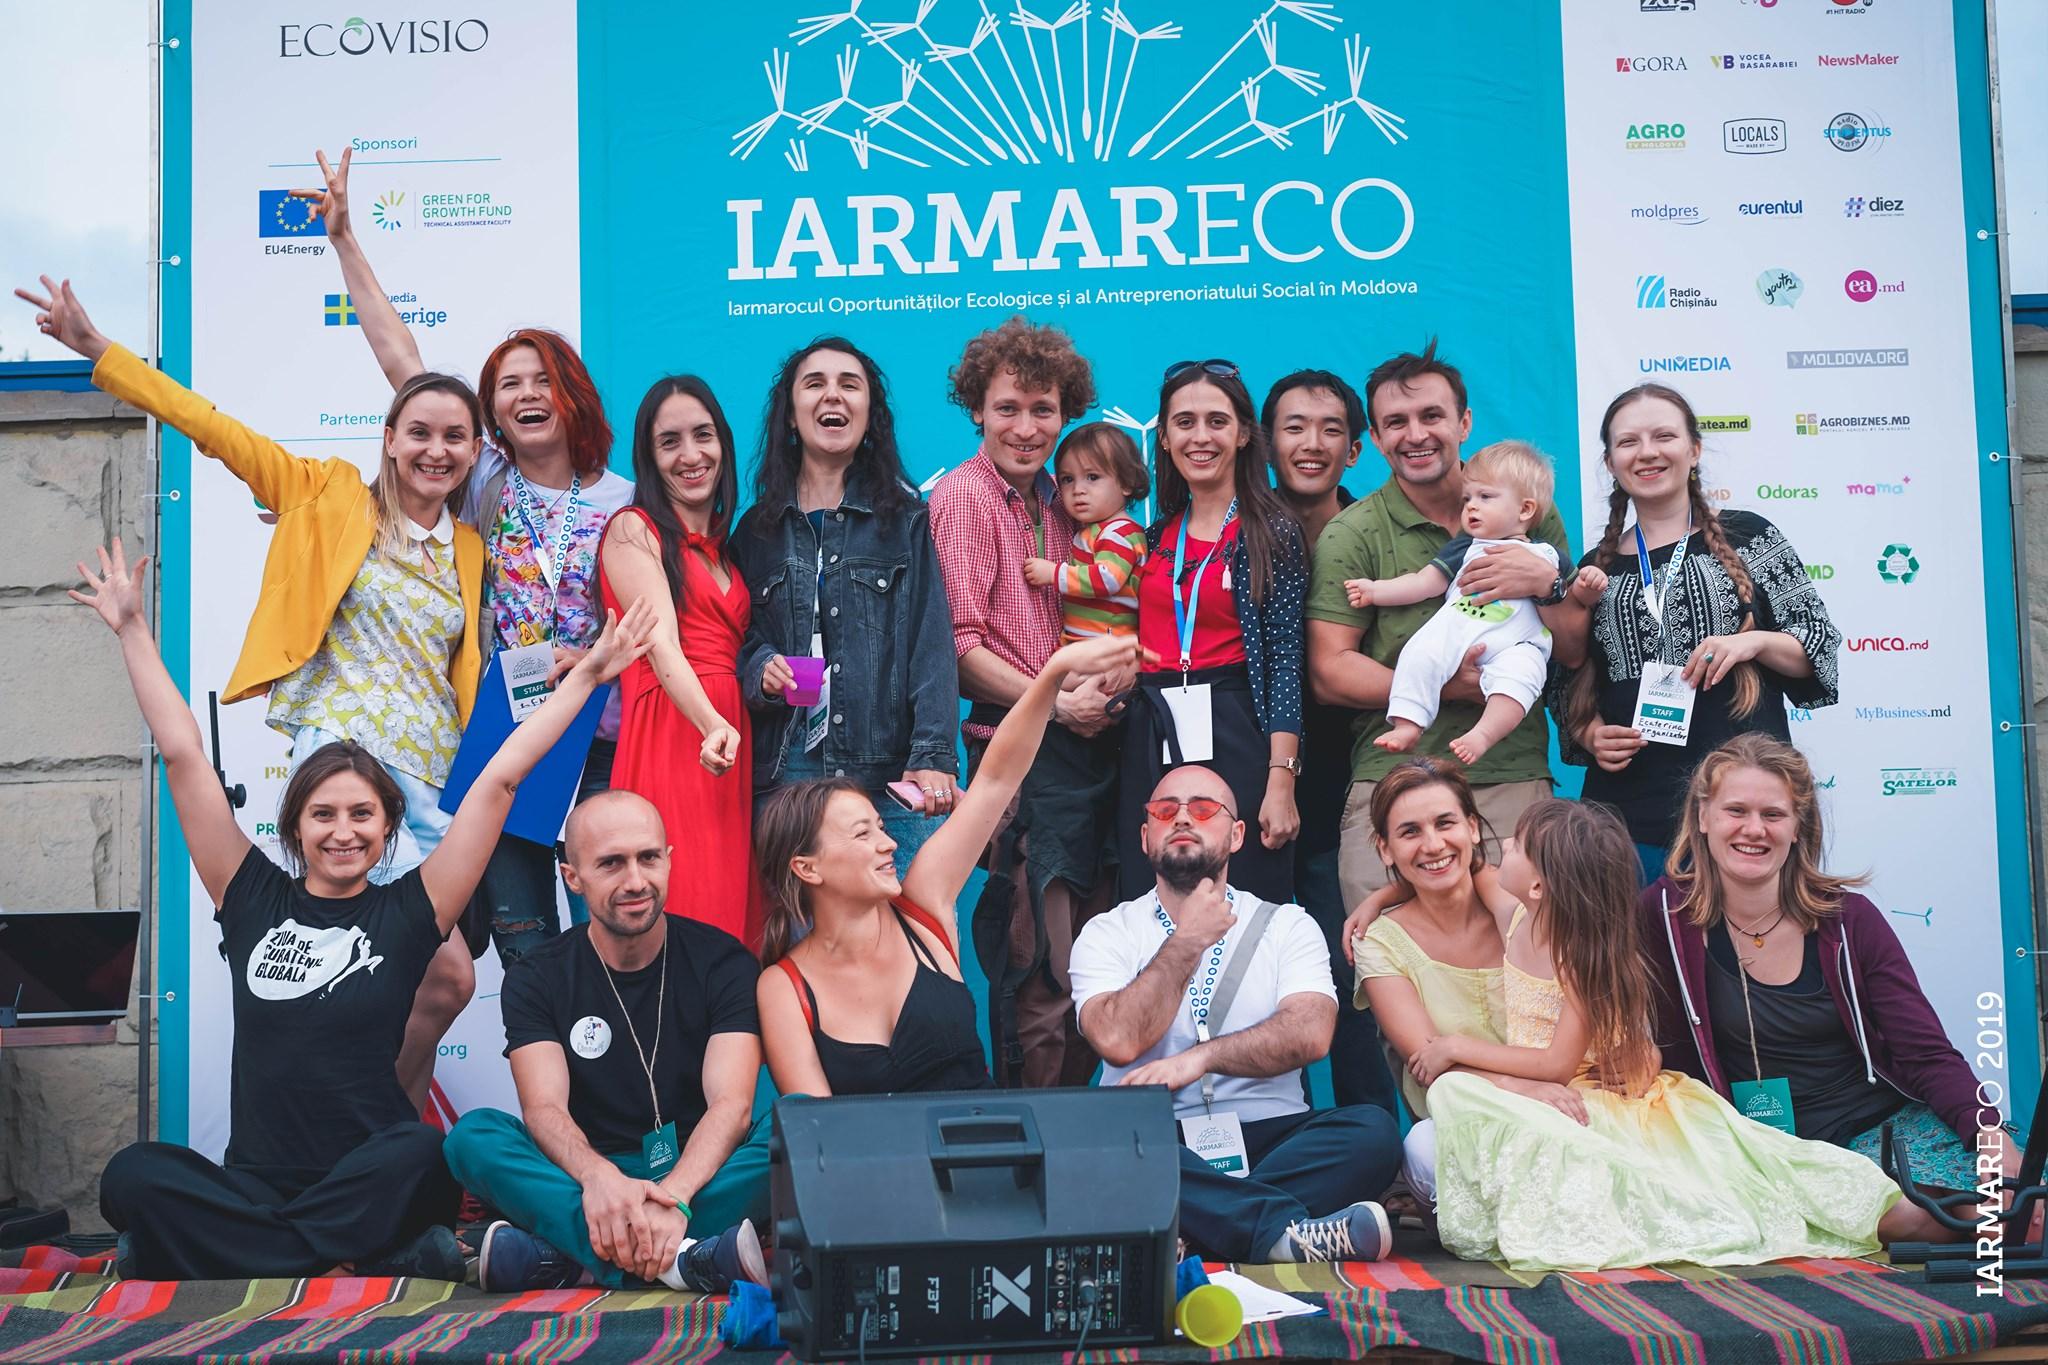 IarmarEco2019. Foto: EcoVisio